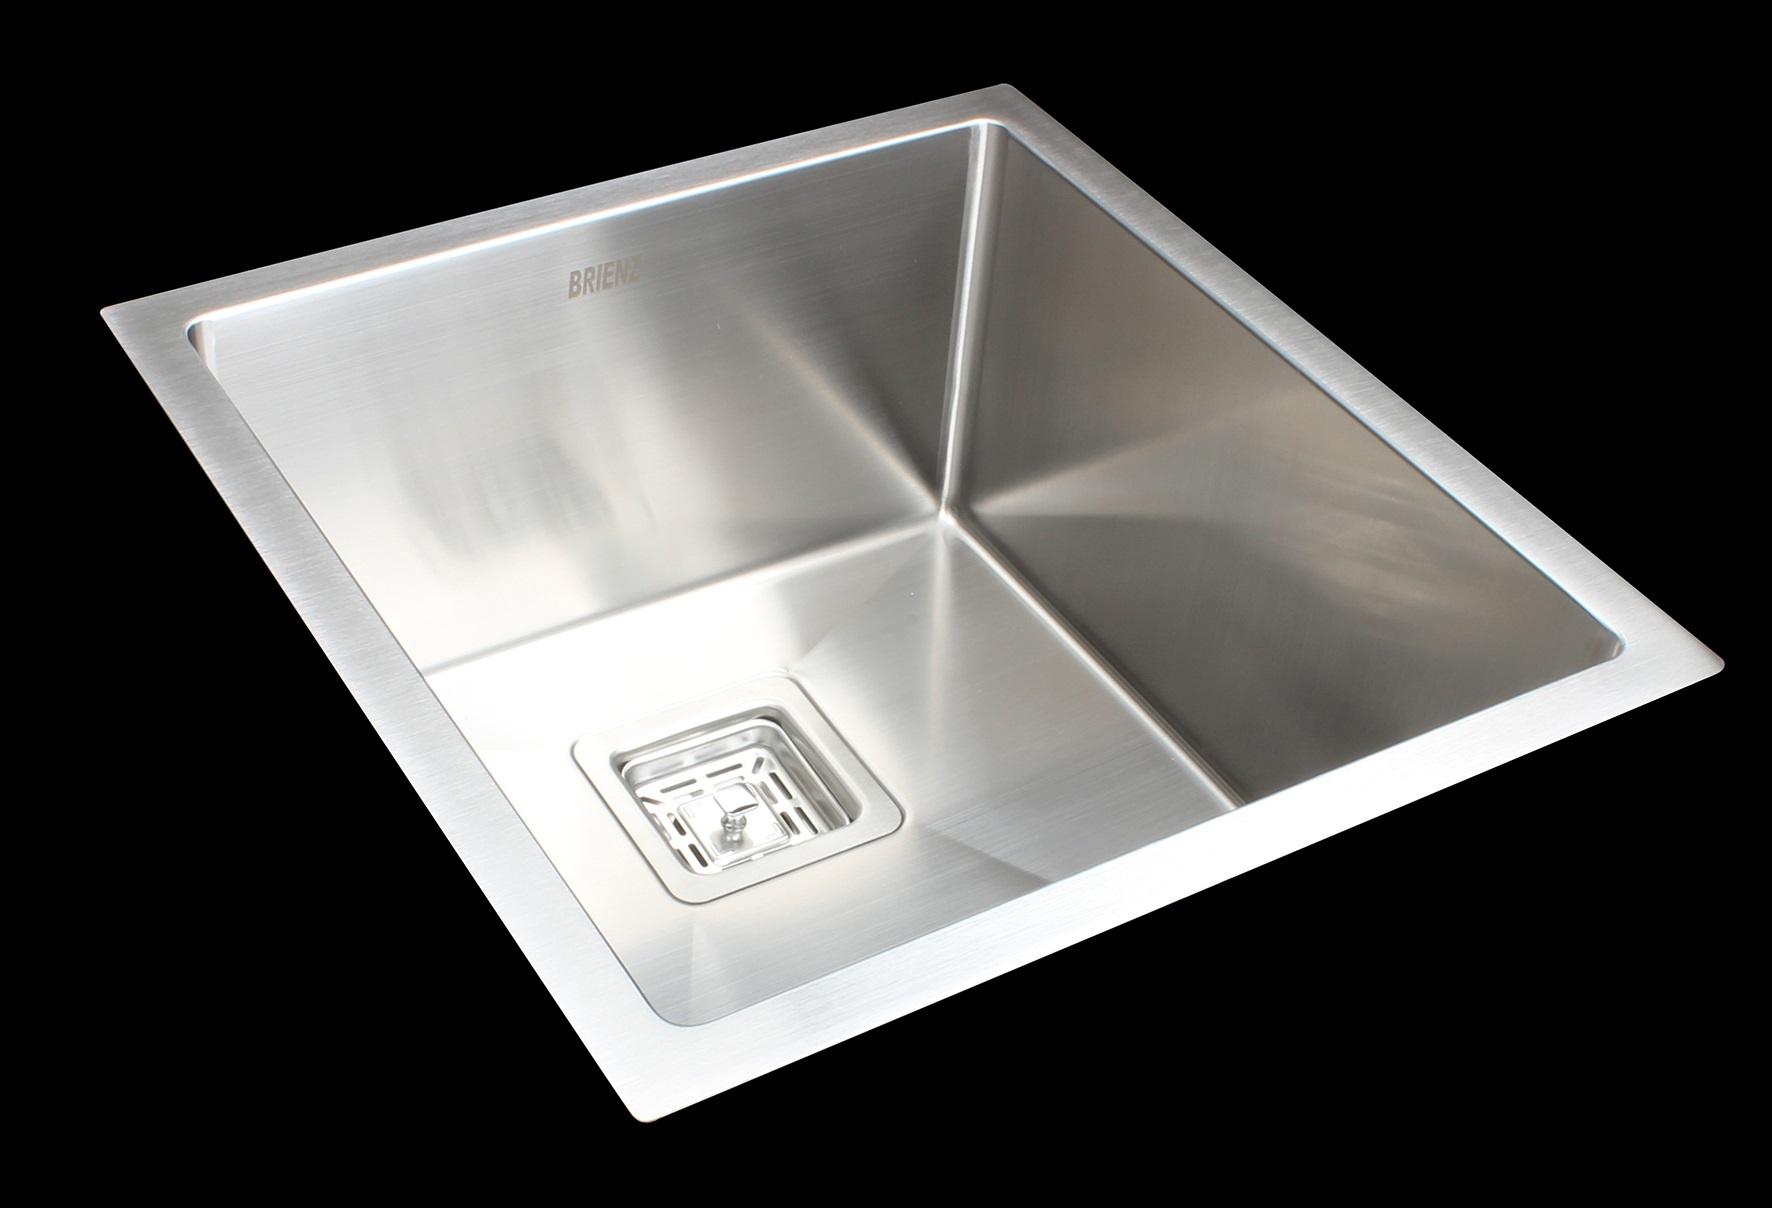 430x455mm Handmade 1.5mm Stainless Steel Undermount / Topmount Kitchen Sink with Square Waste  Z2742